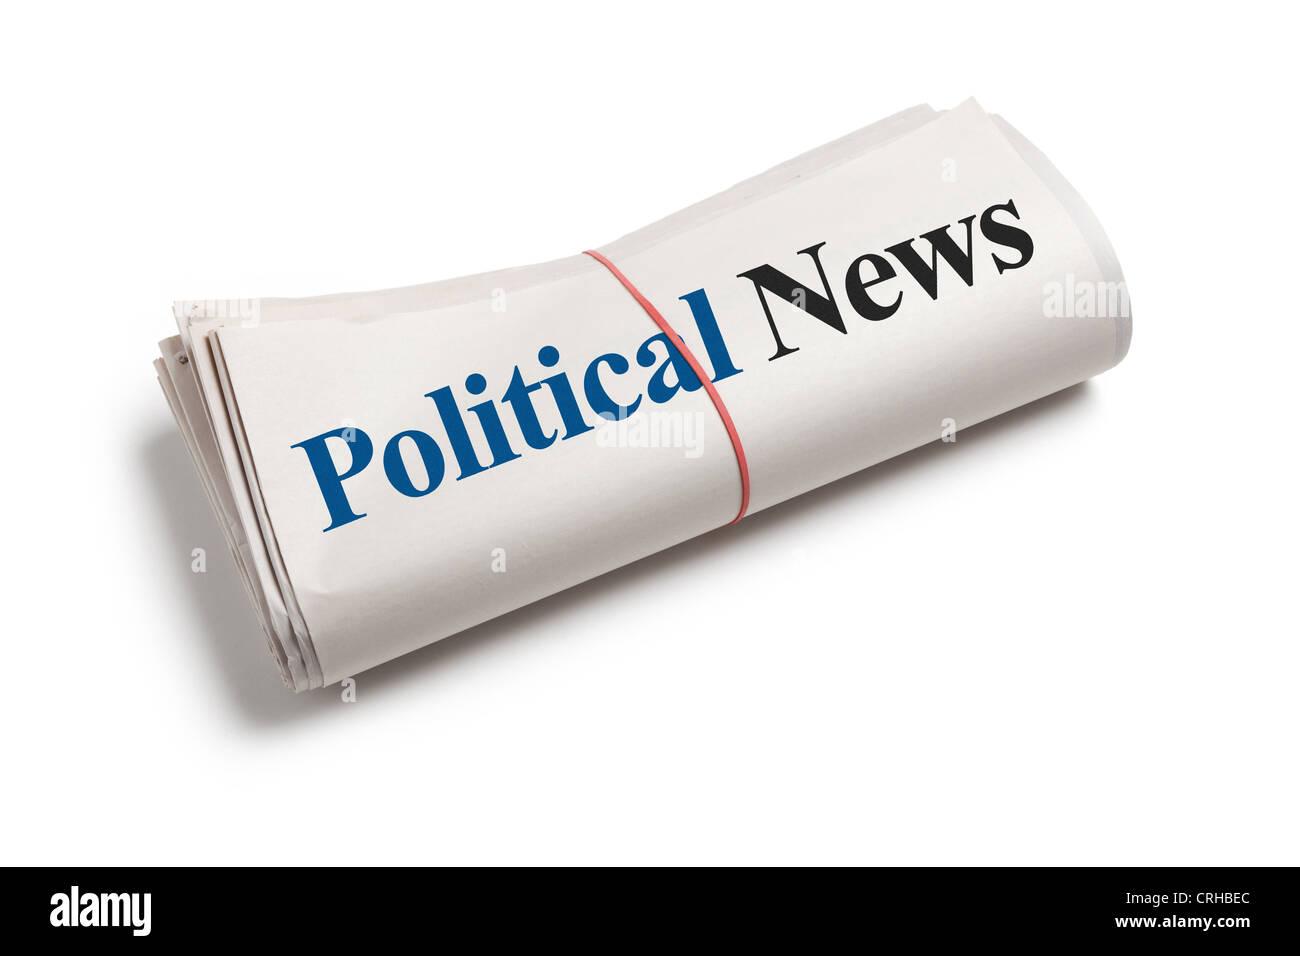 Noticias, periódico político rollo con fondo blanco. Imagen De Stock